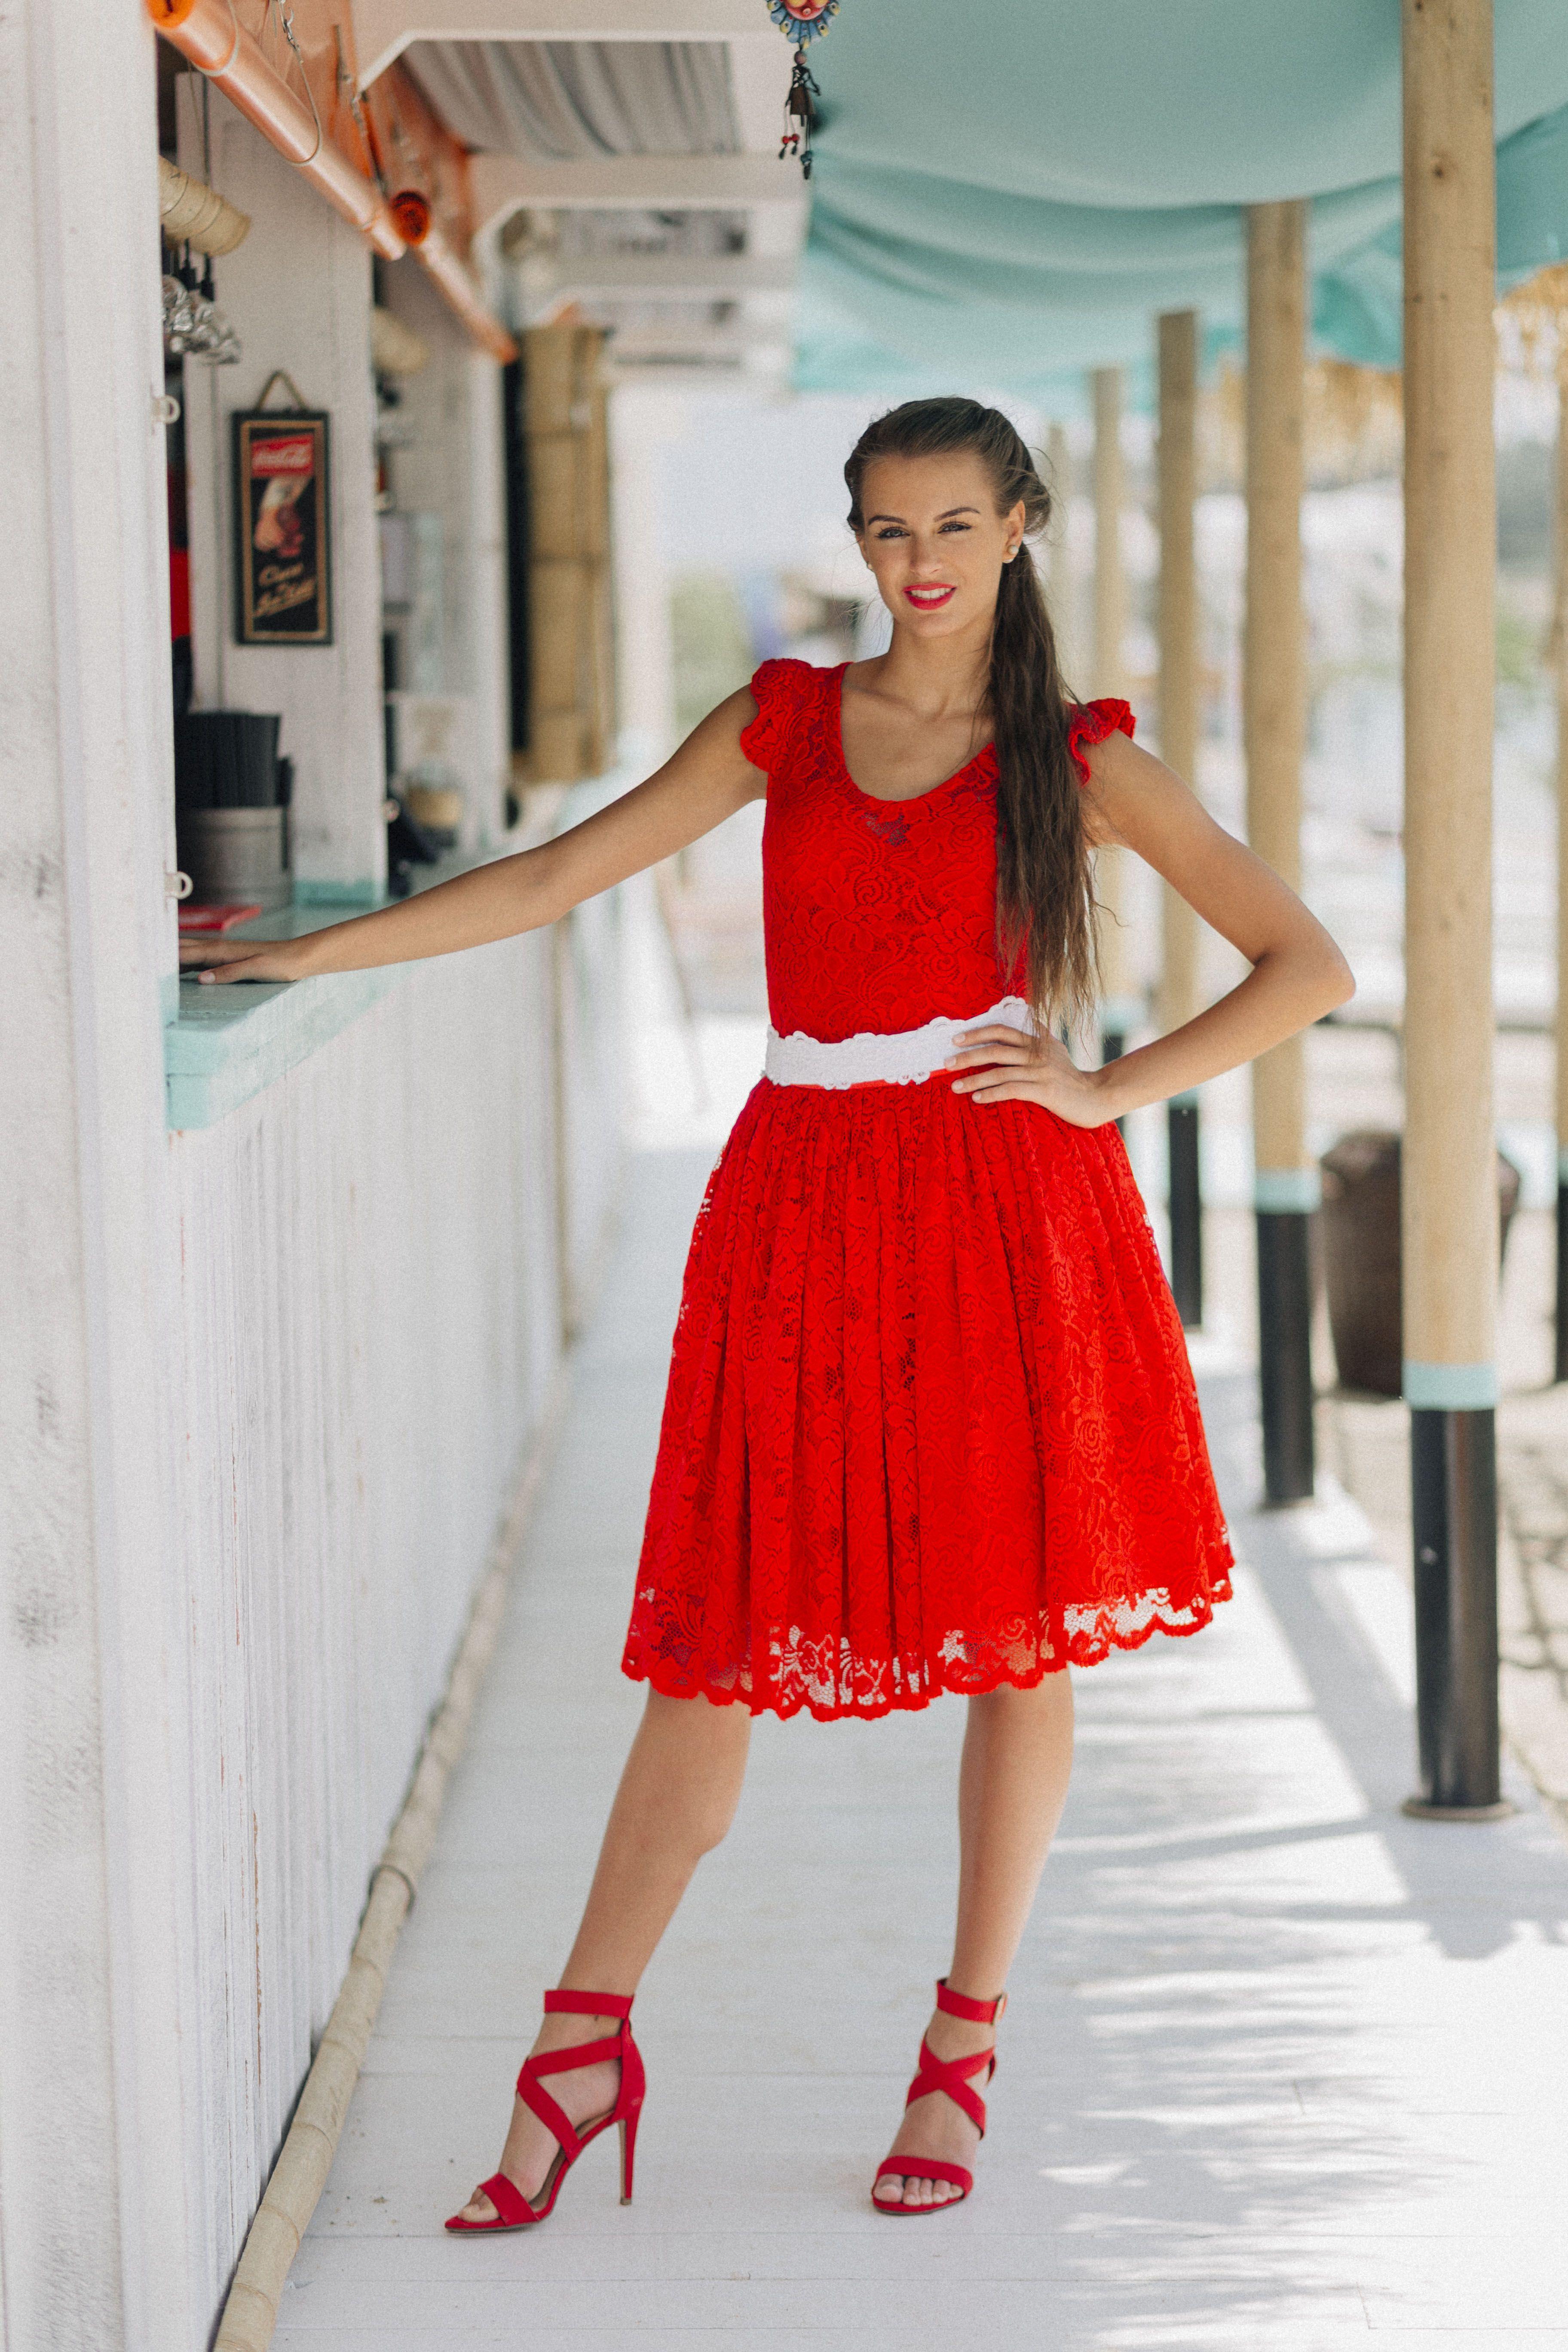 fc46f38a8b Menyecske csupa csipke | Menyecske ruha piros, kék | Dresses, White ...